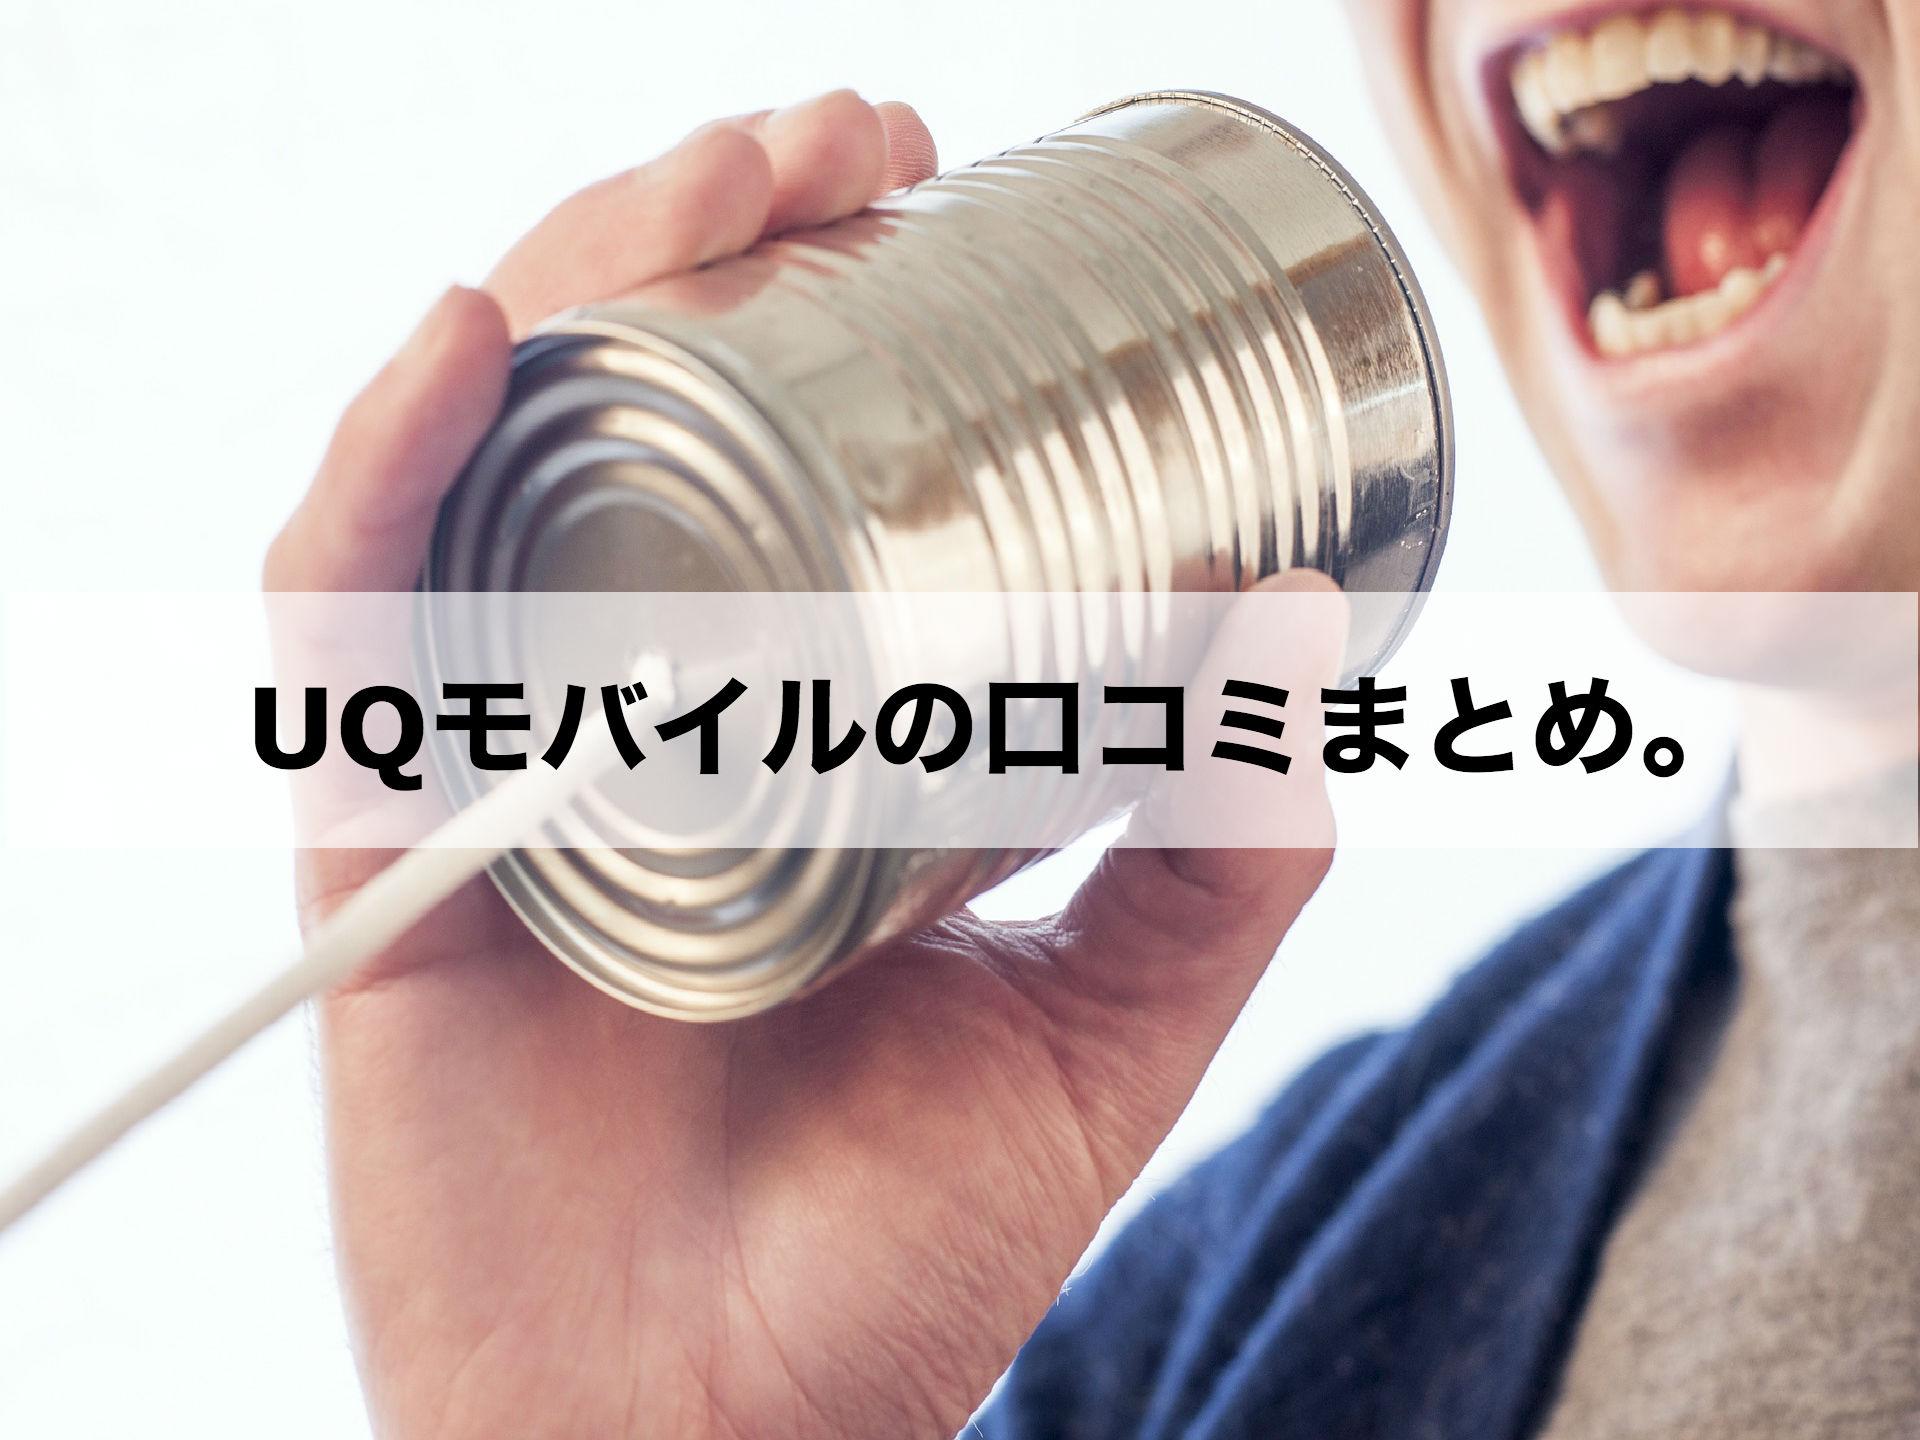 UQ(ユーキュー)モバイルを使っている人の口コミを紹介!評判は良い?悪い?